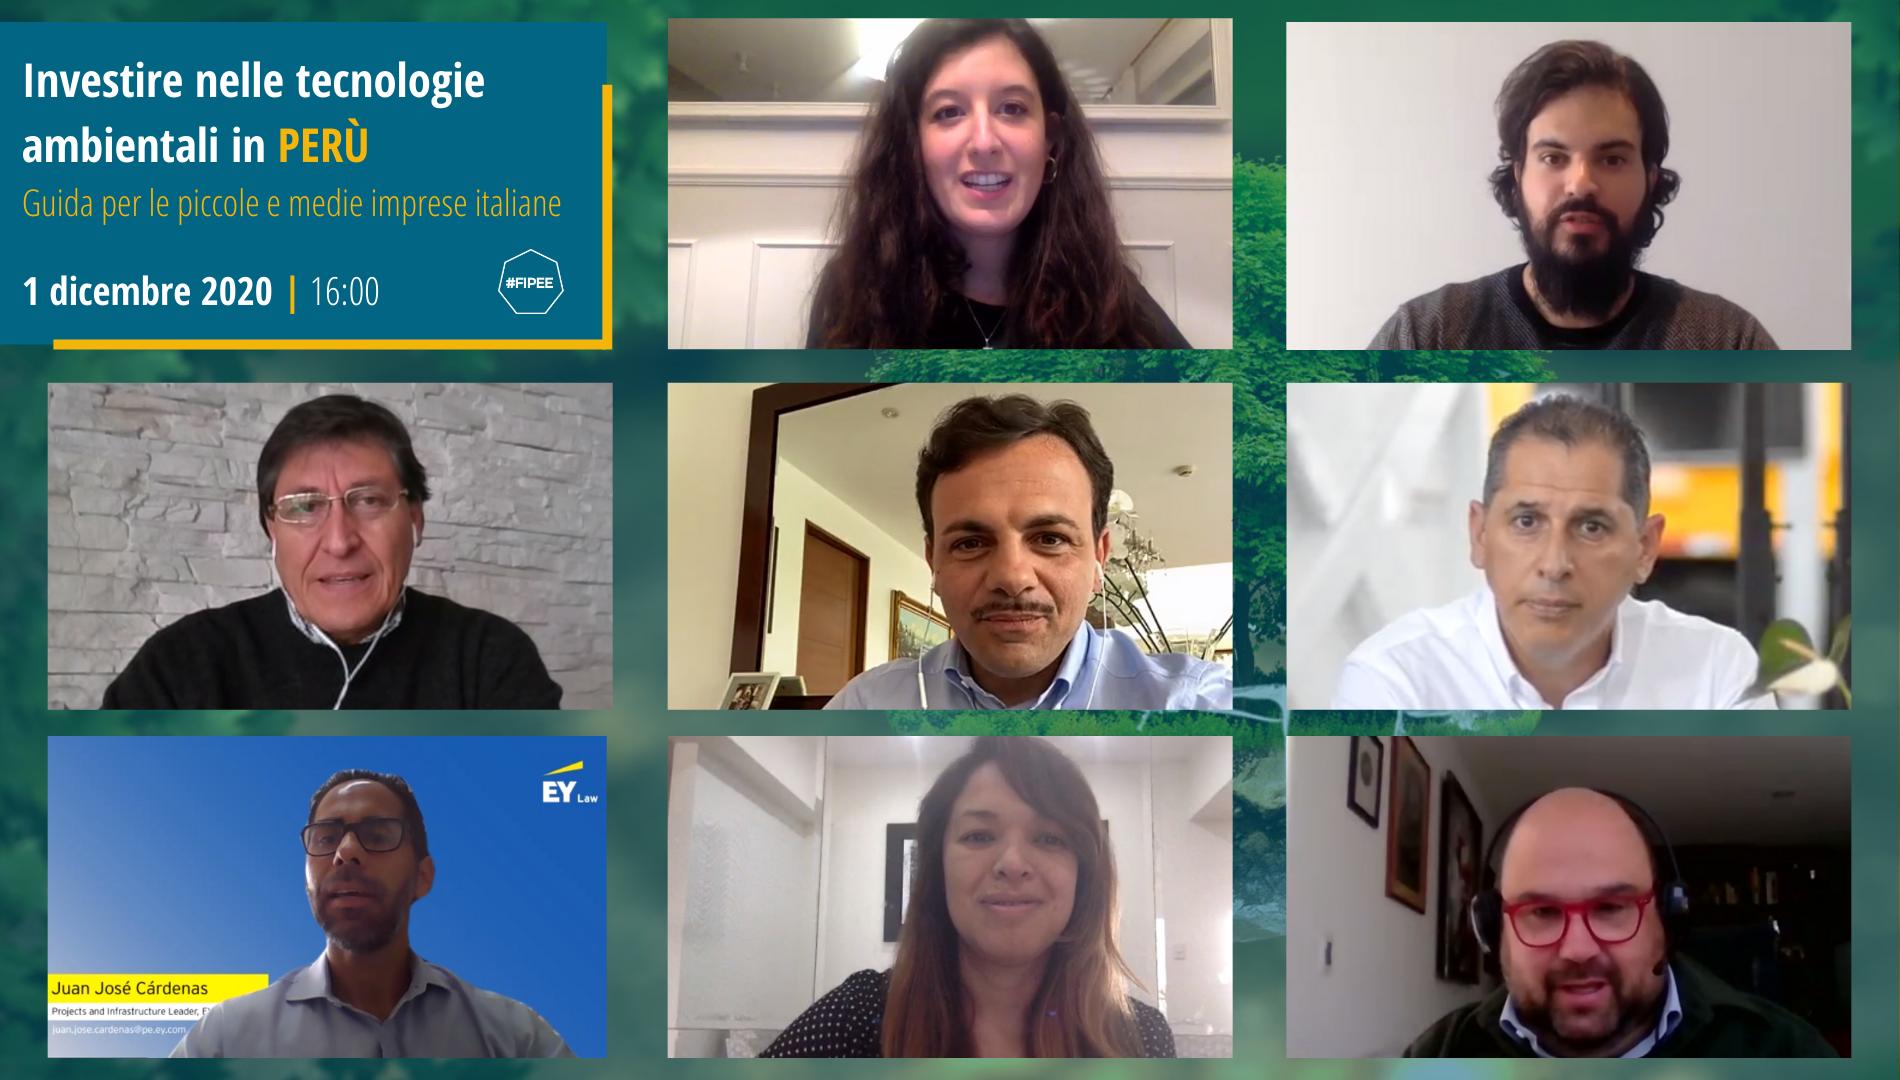 Investire nelle tecnologie ambientali in Perù: guida per le piccole e medie imprese italiane